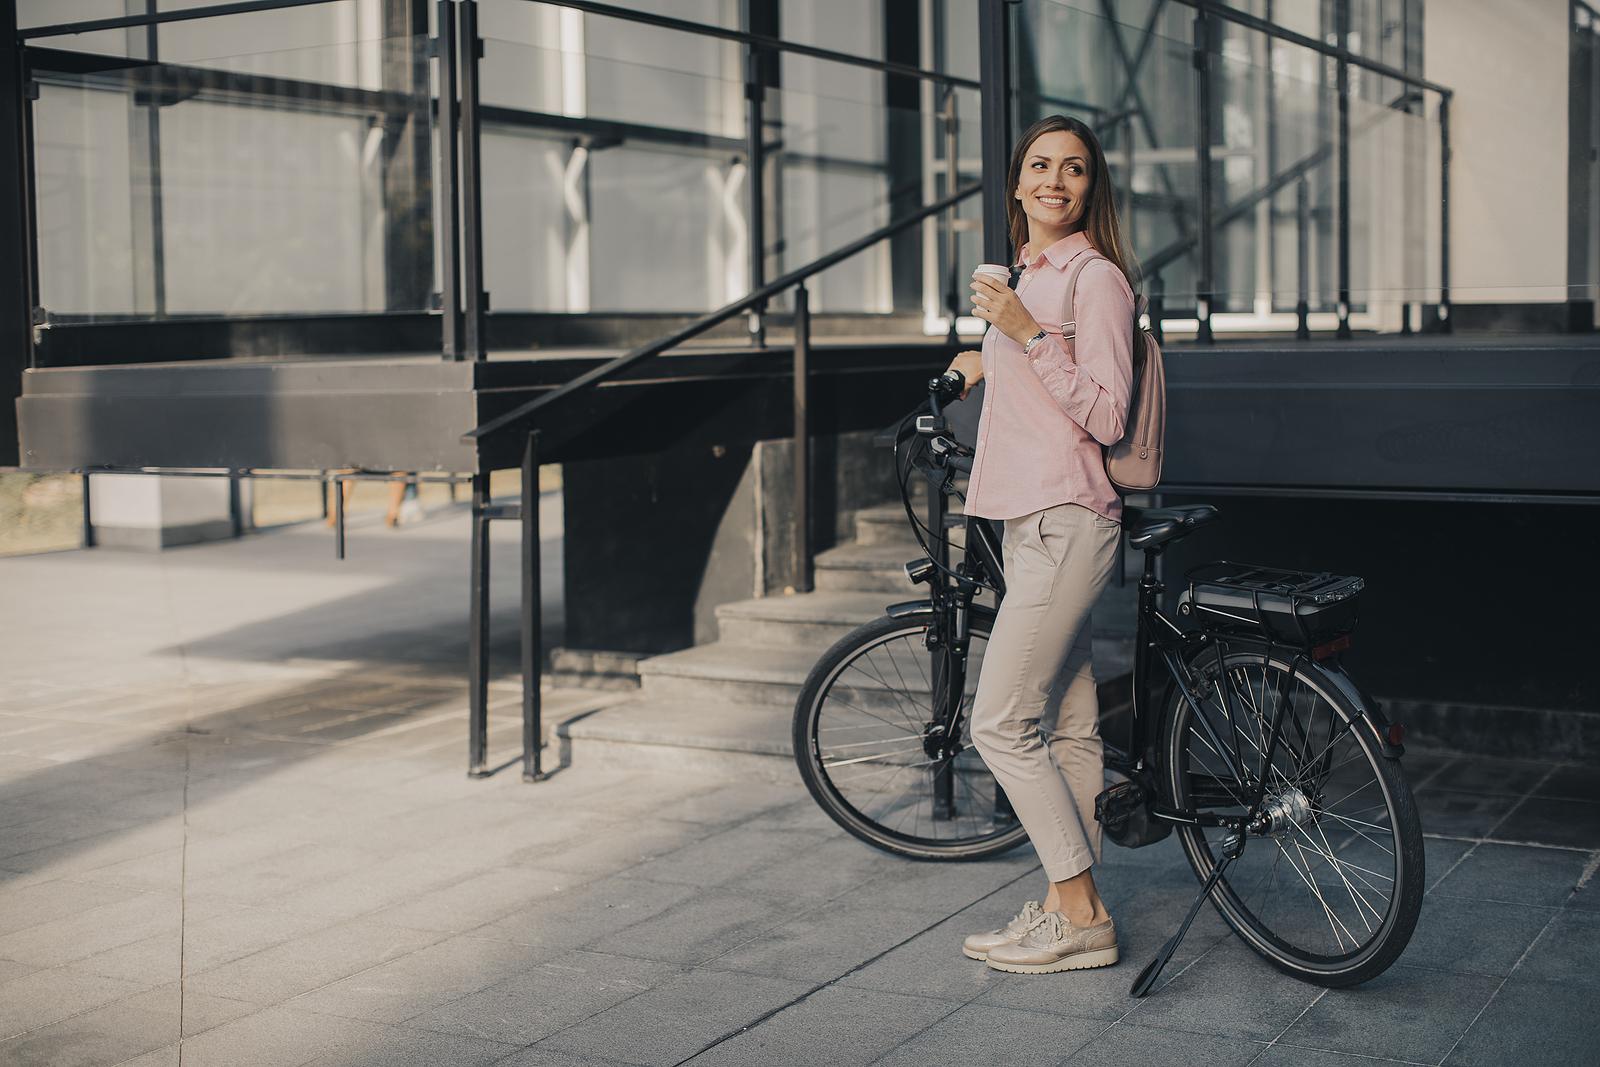 Jonge vrouw naast elektrische fiets